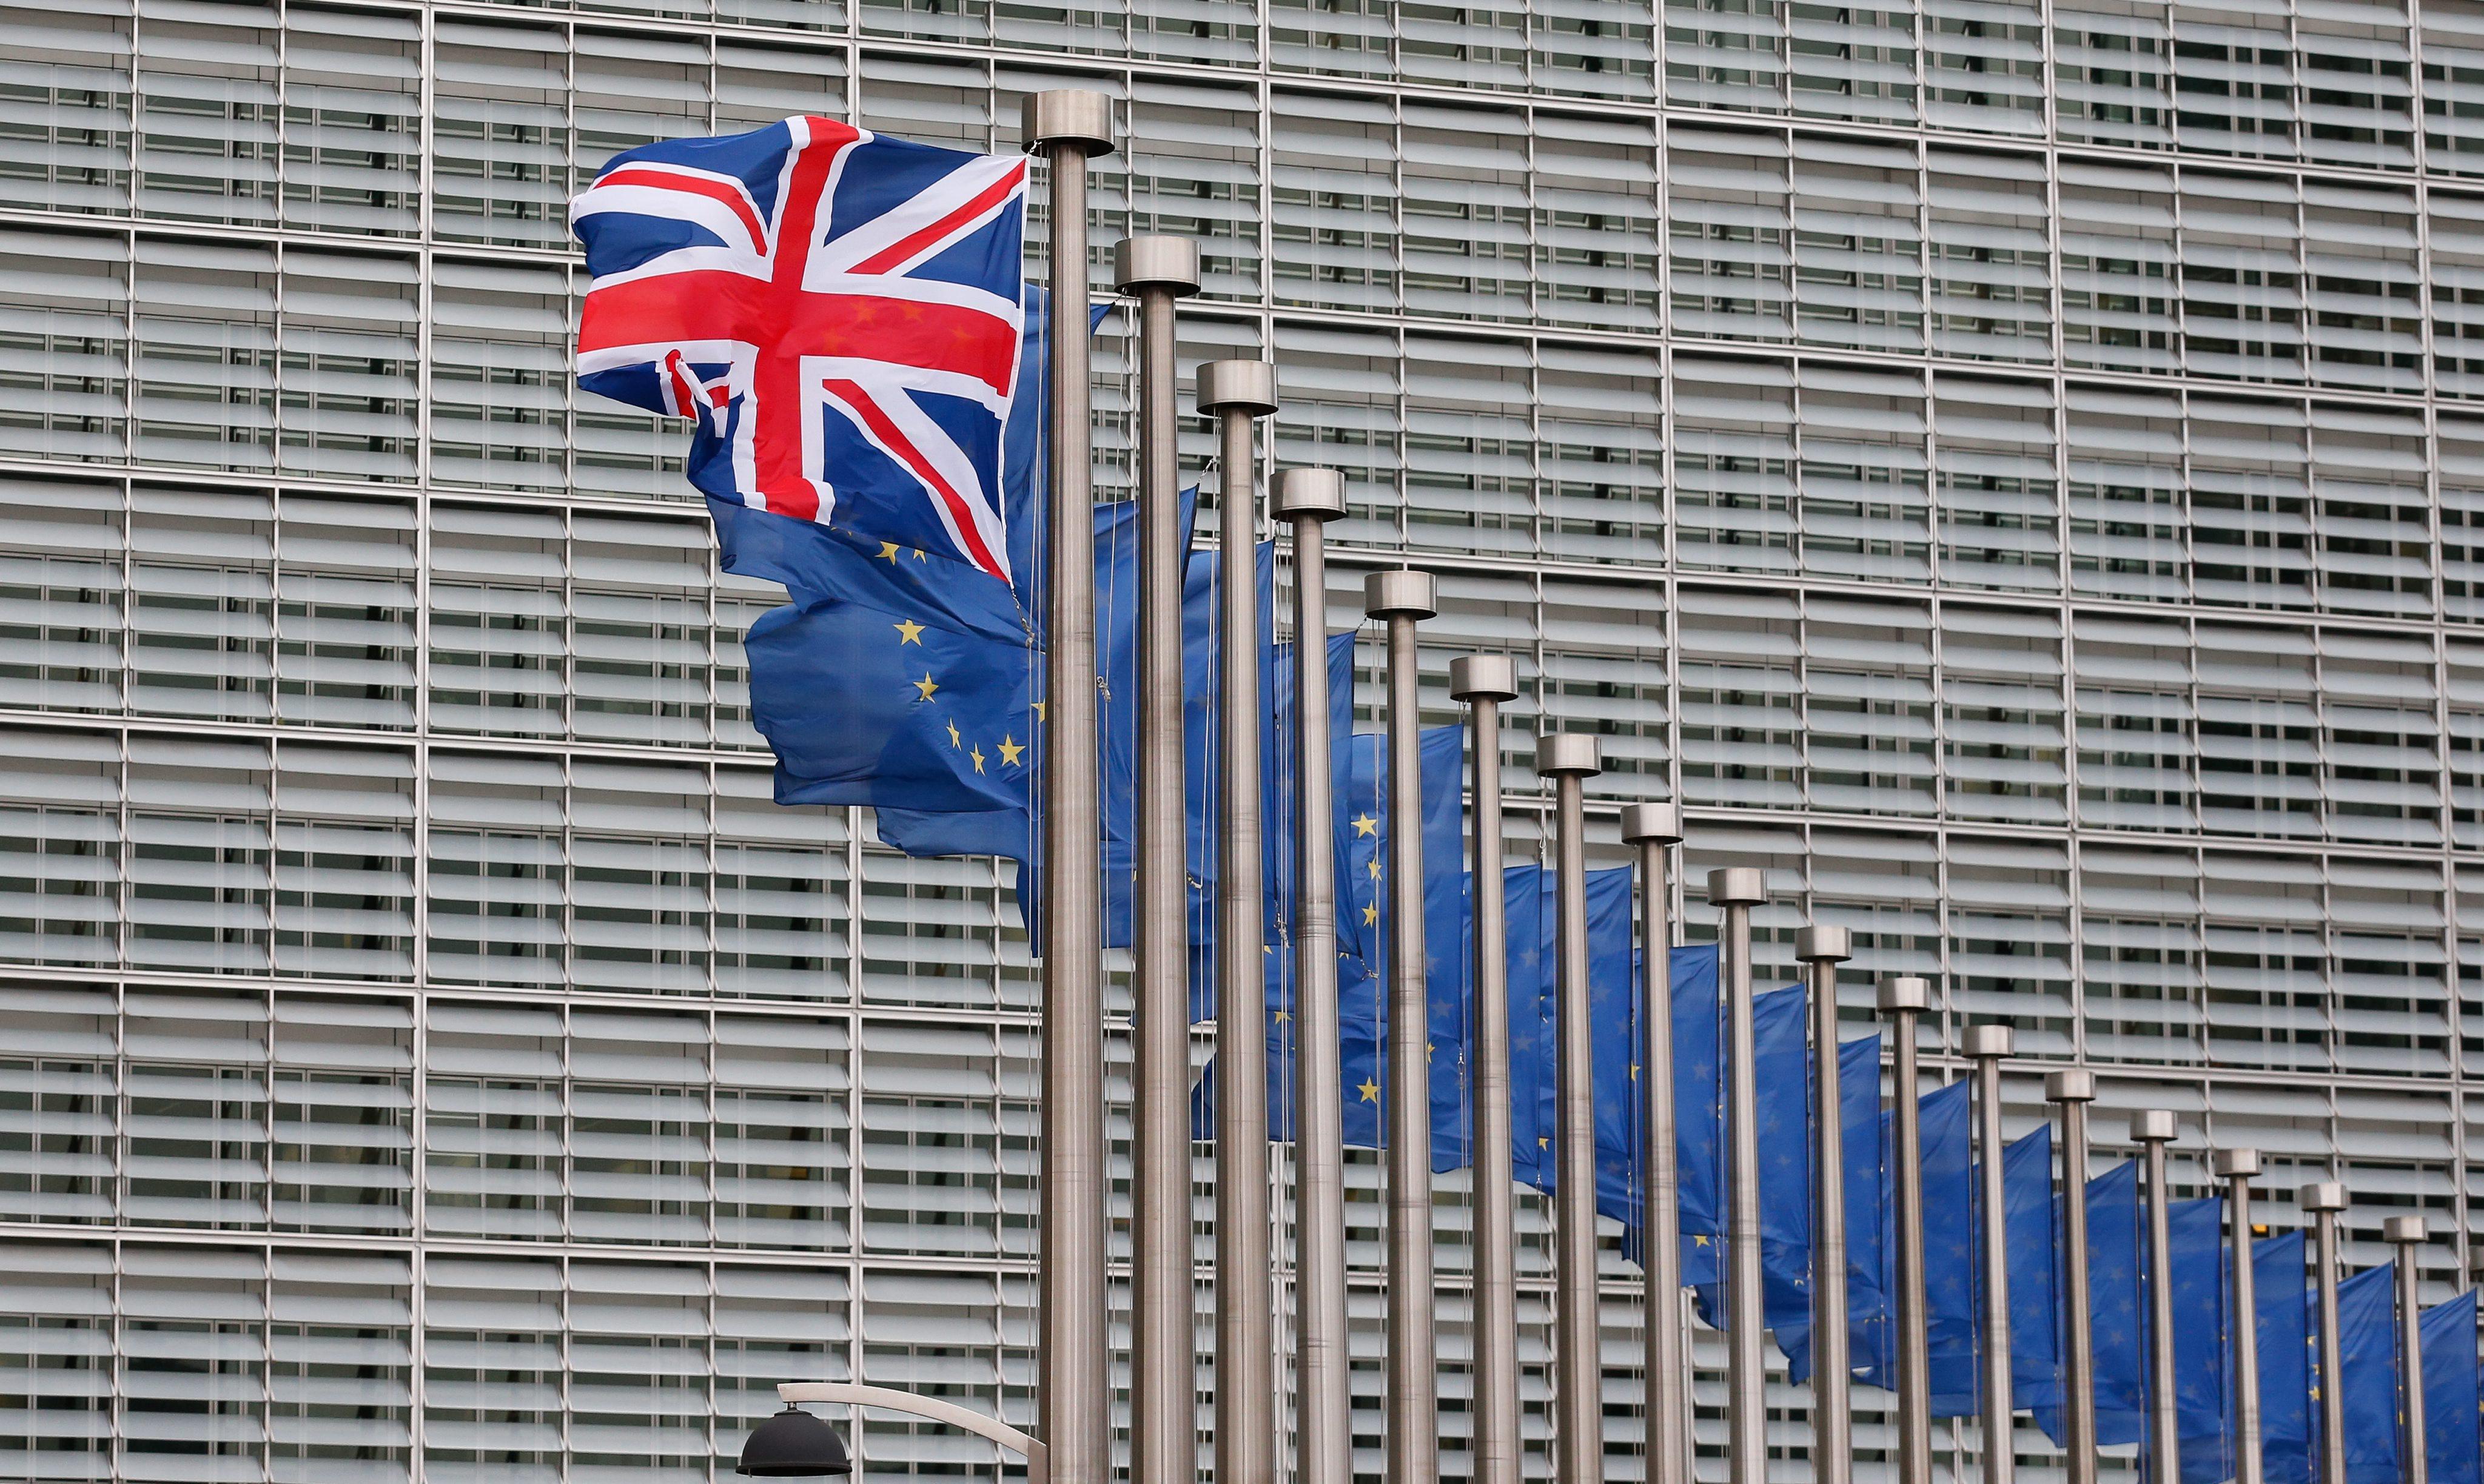 Σαπέν – Πάντοαν κατά του Brexit γιατί μπορεί να φέρει διάλυση της ΕΕ   tovima.gr